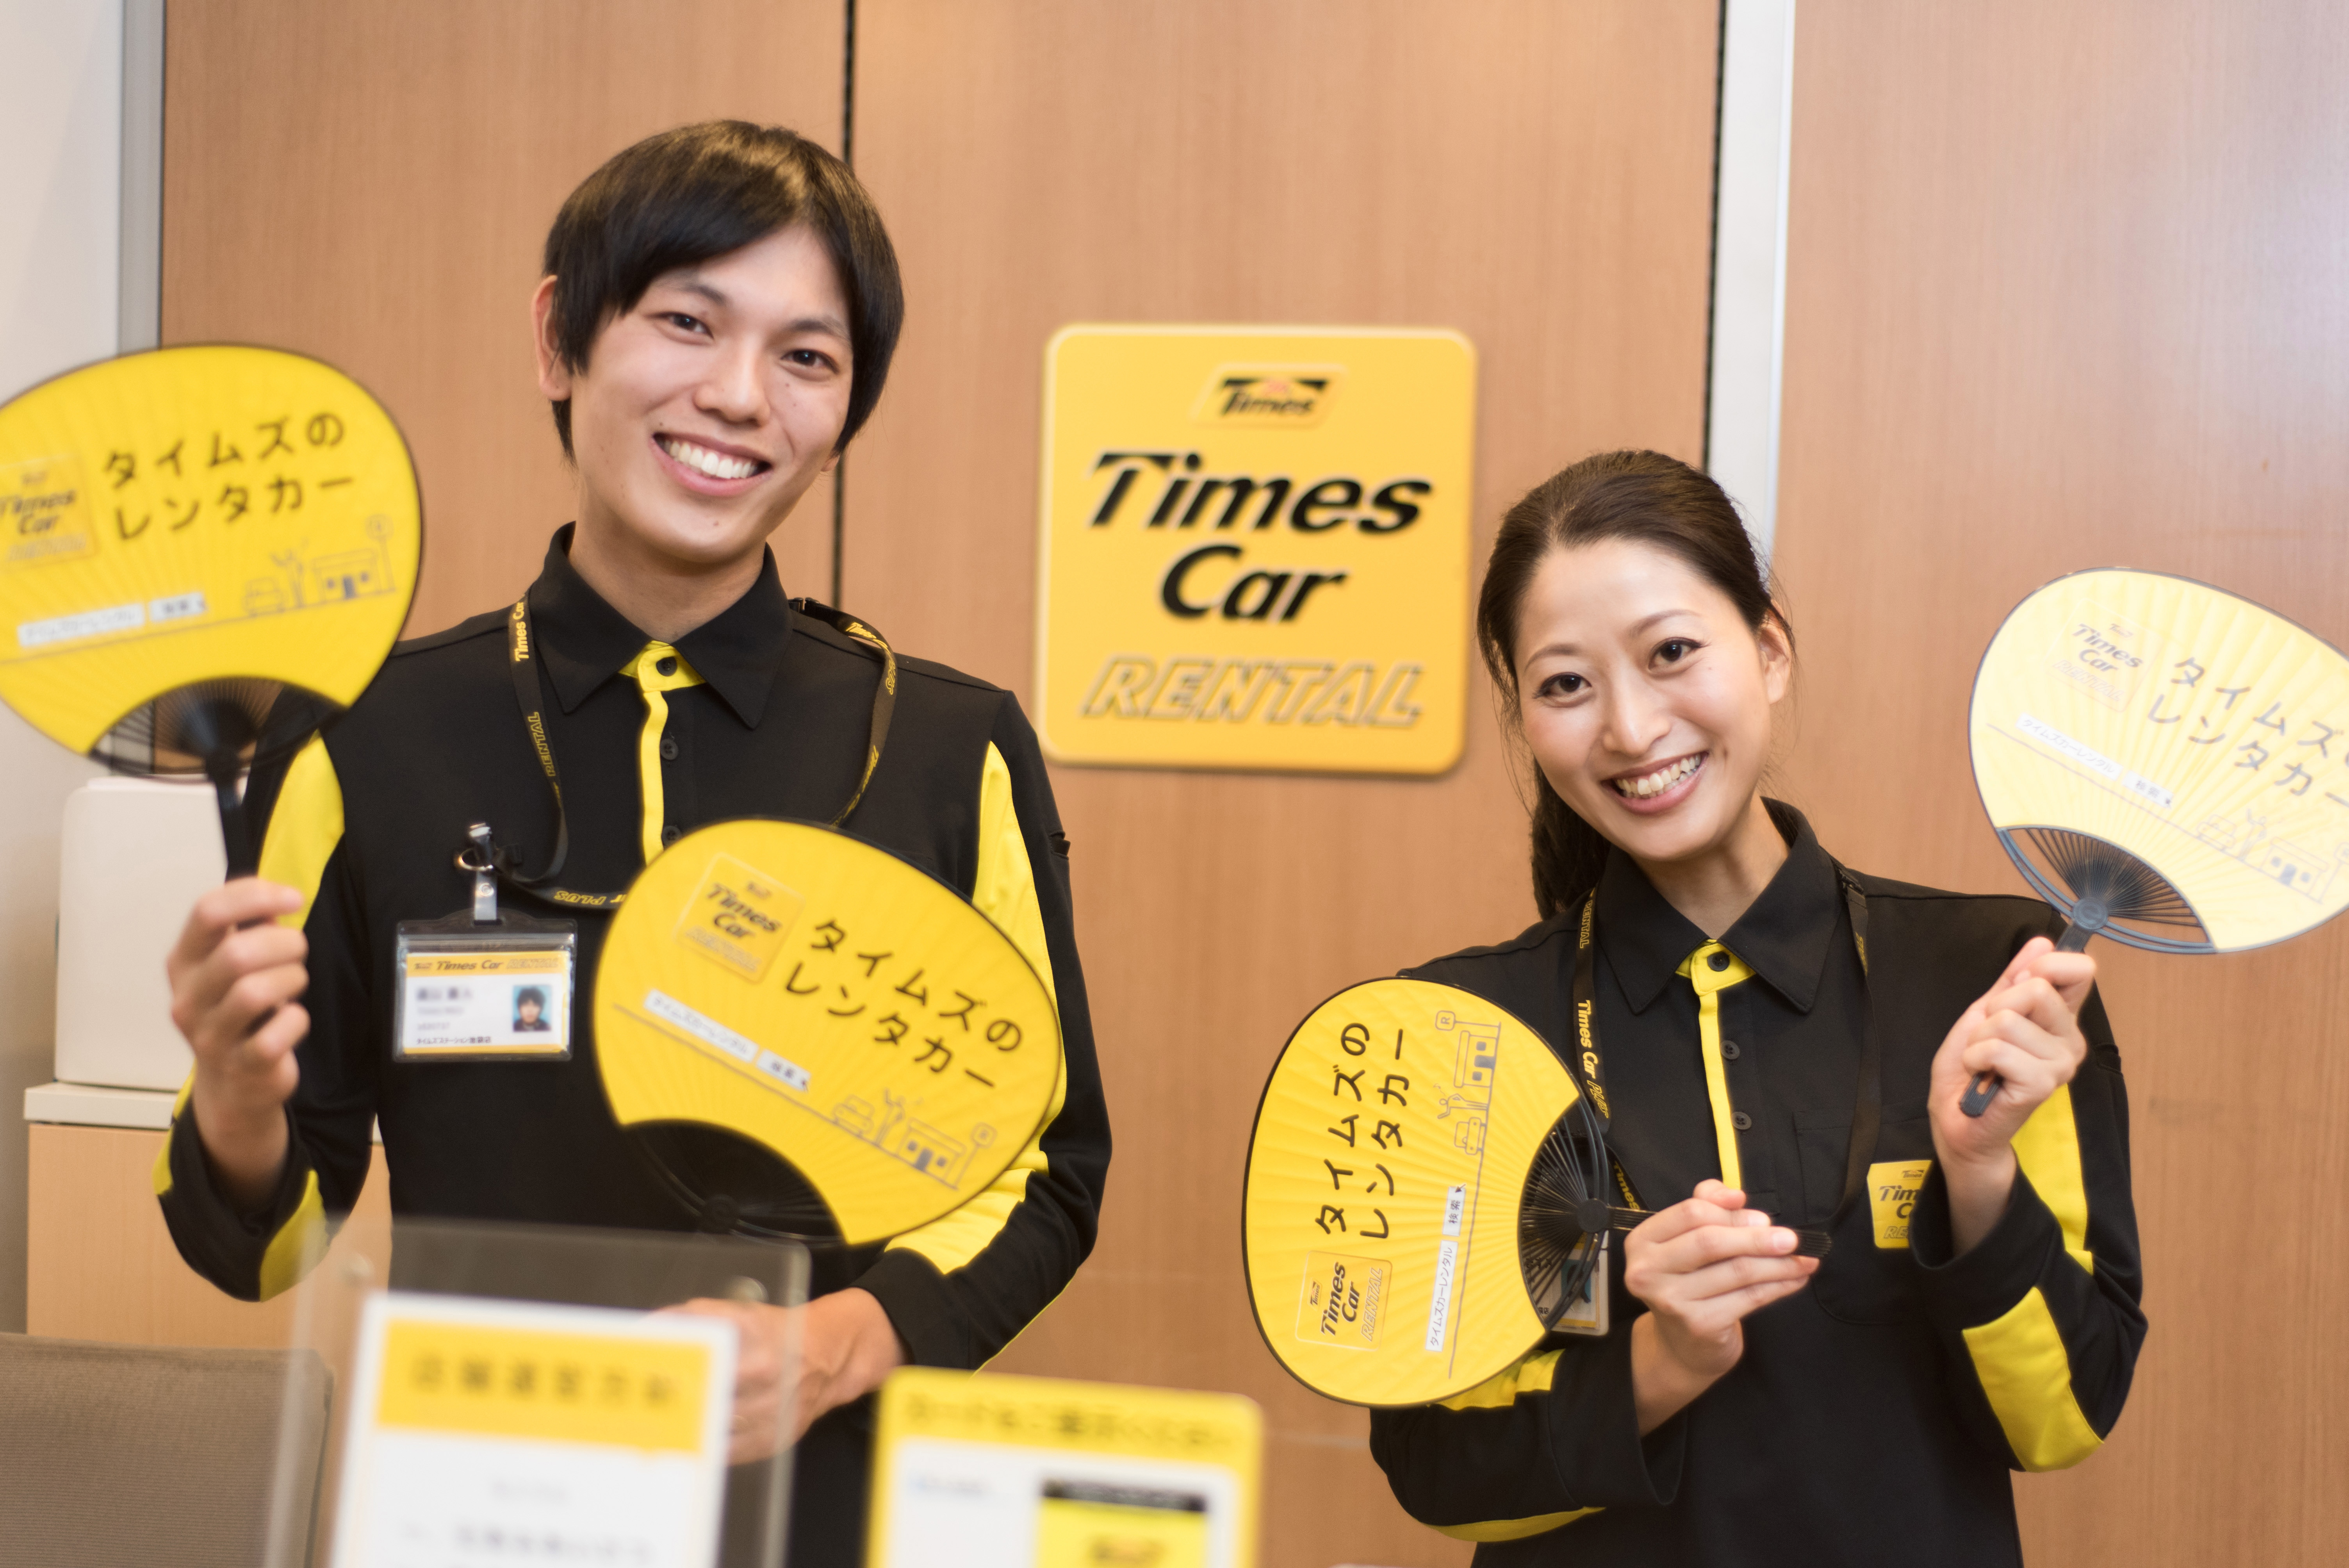 タイムズカーレンタル 福岡空港店 のアルバイト情報